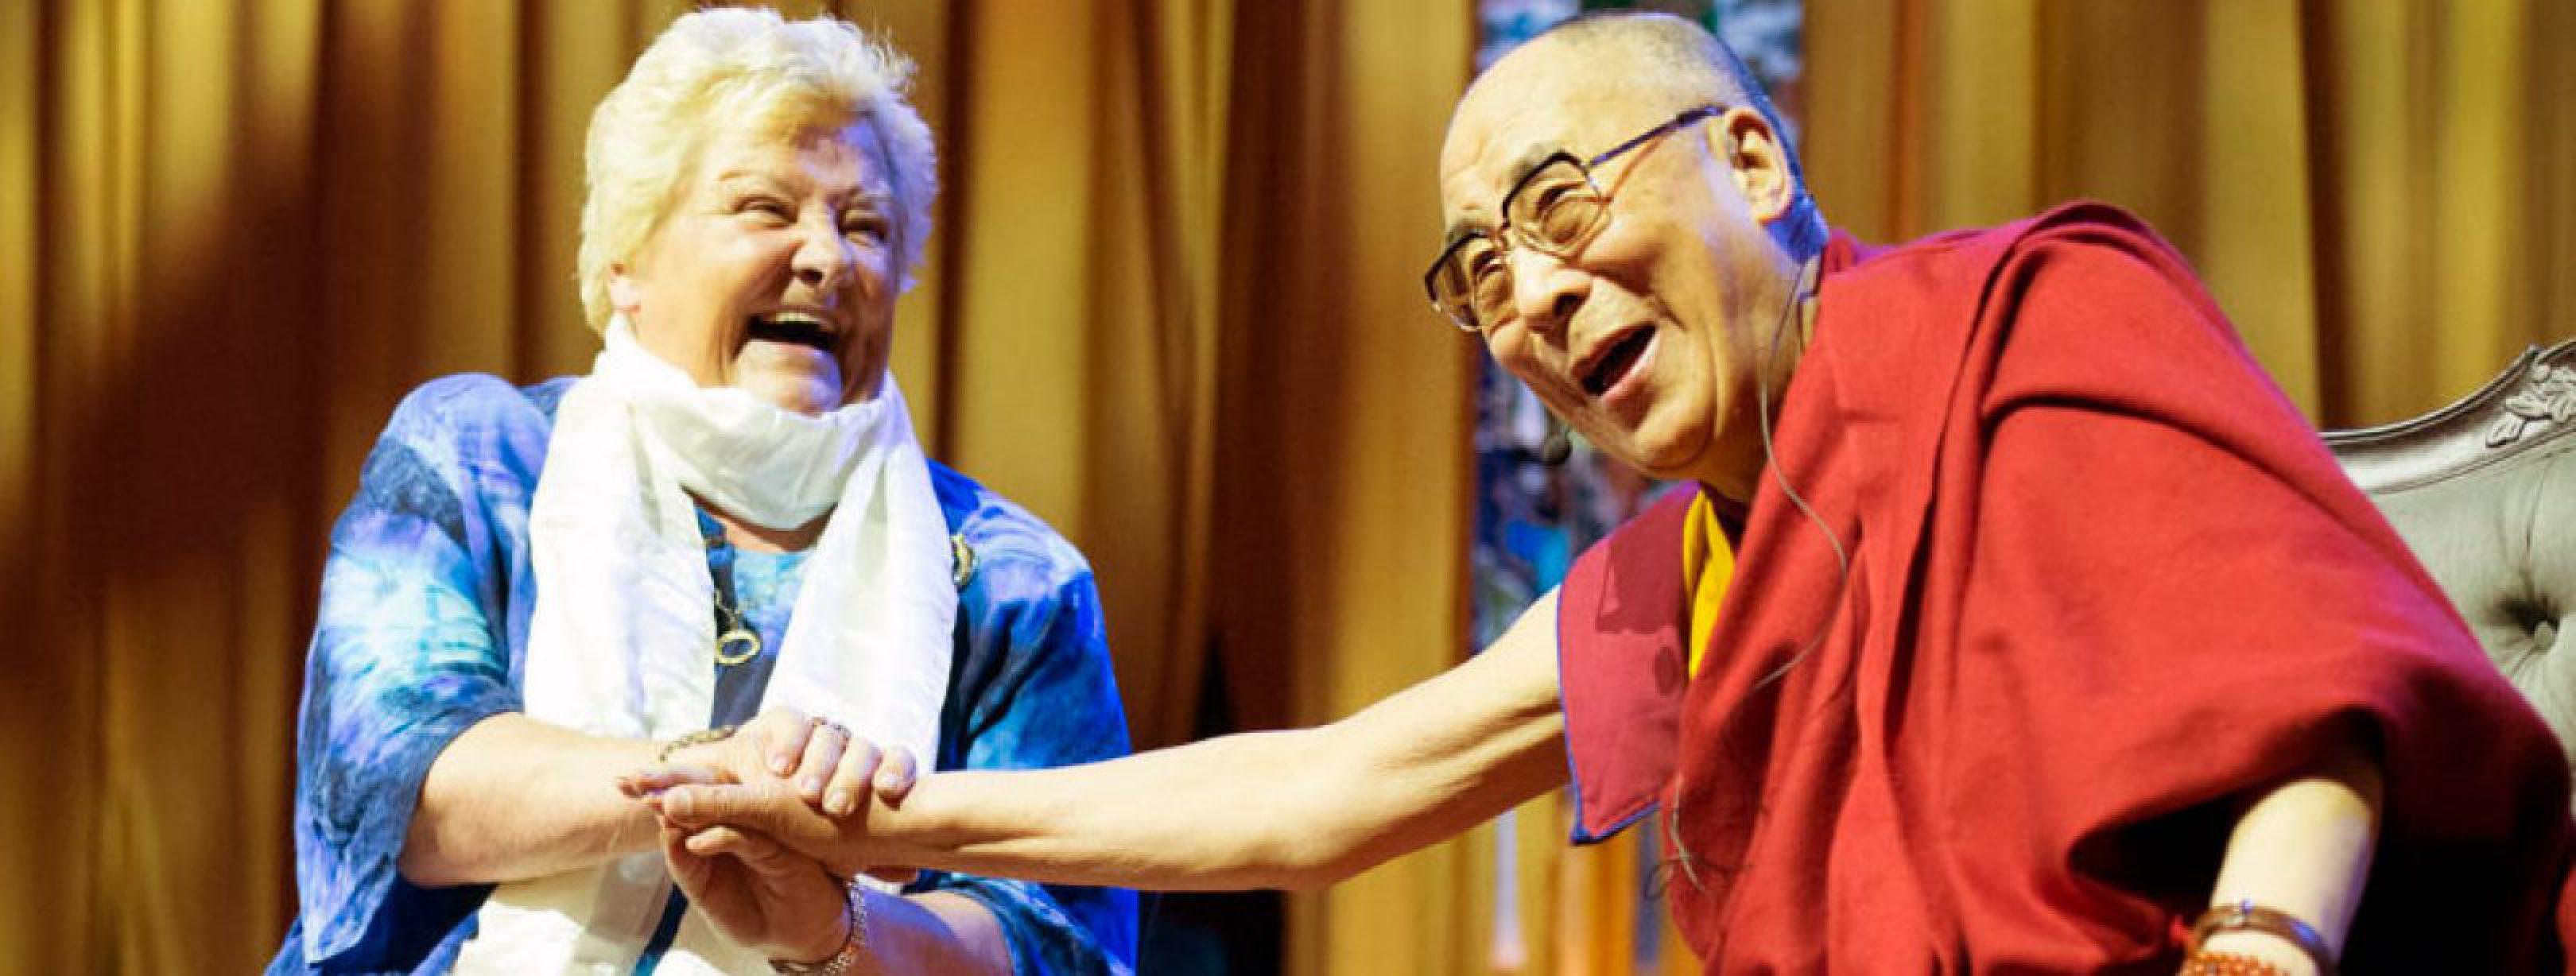 Erica Terpstra en dalai lama